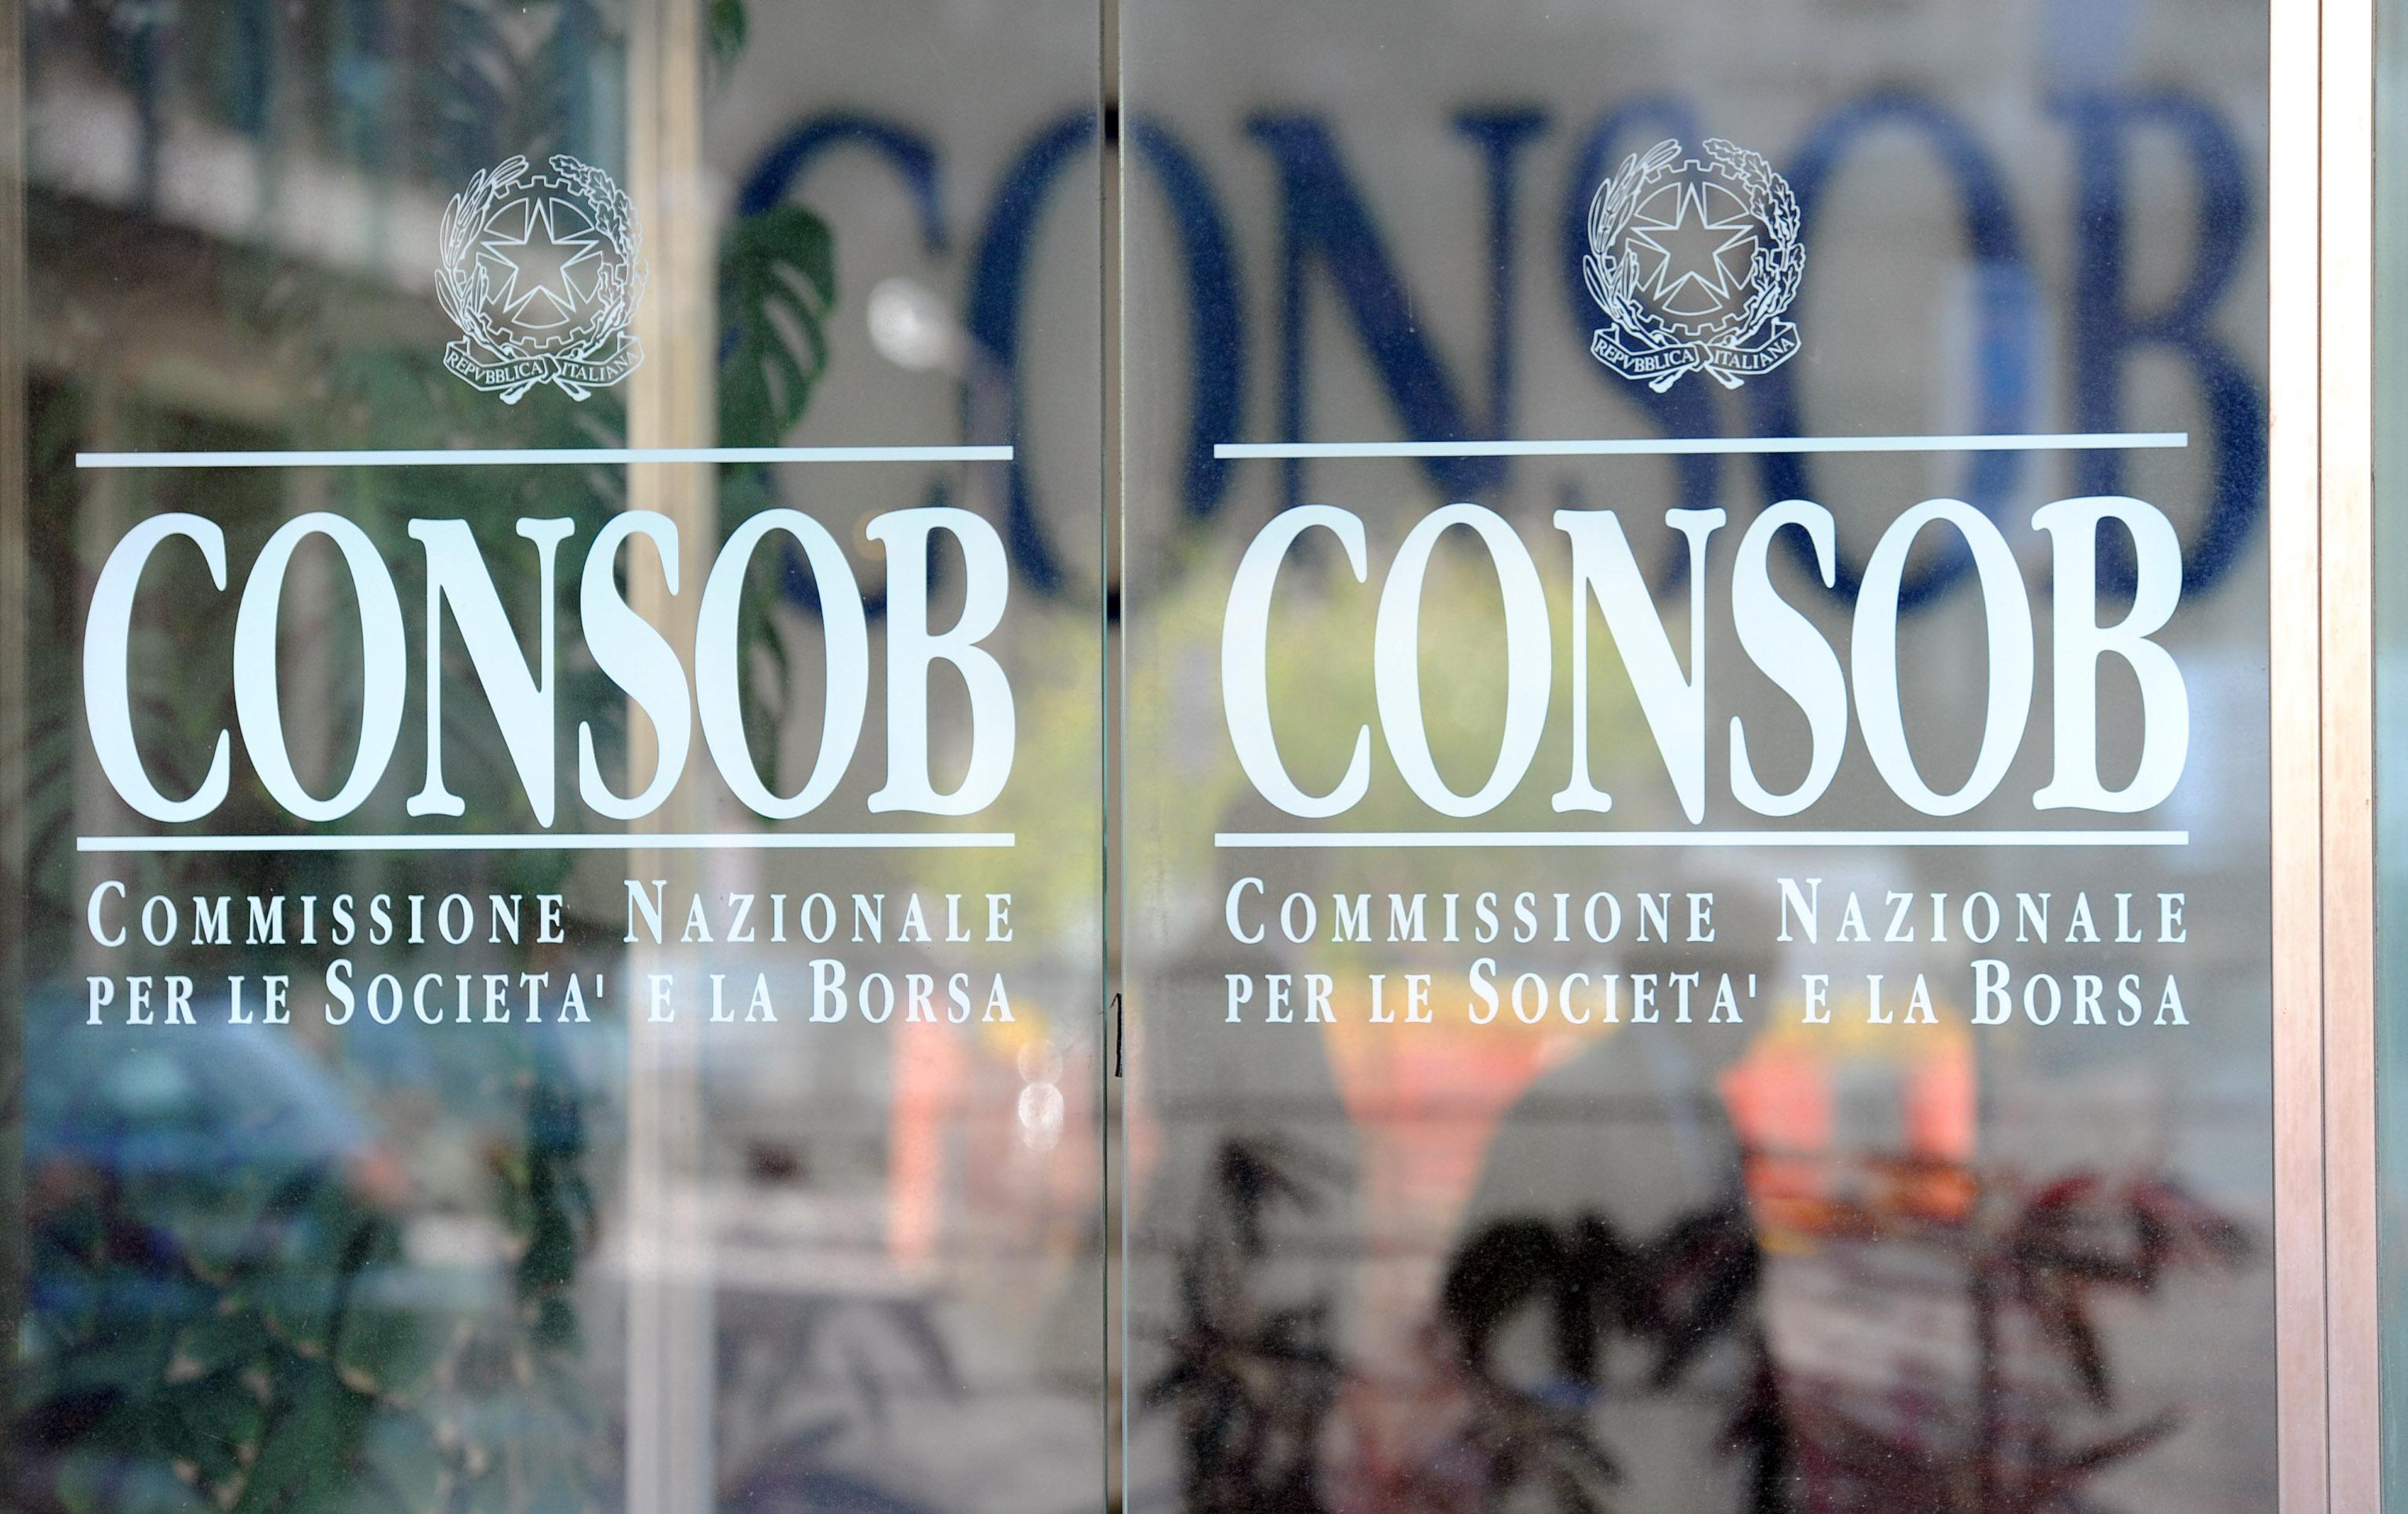 consob icos assets